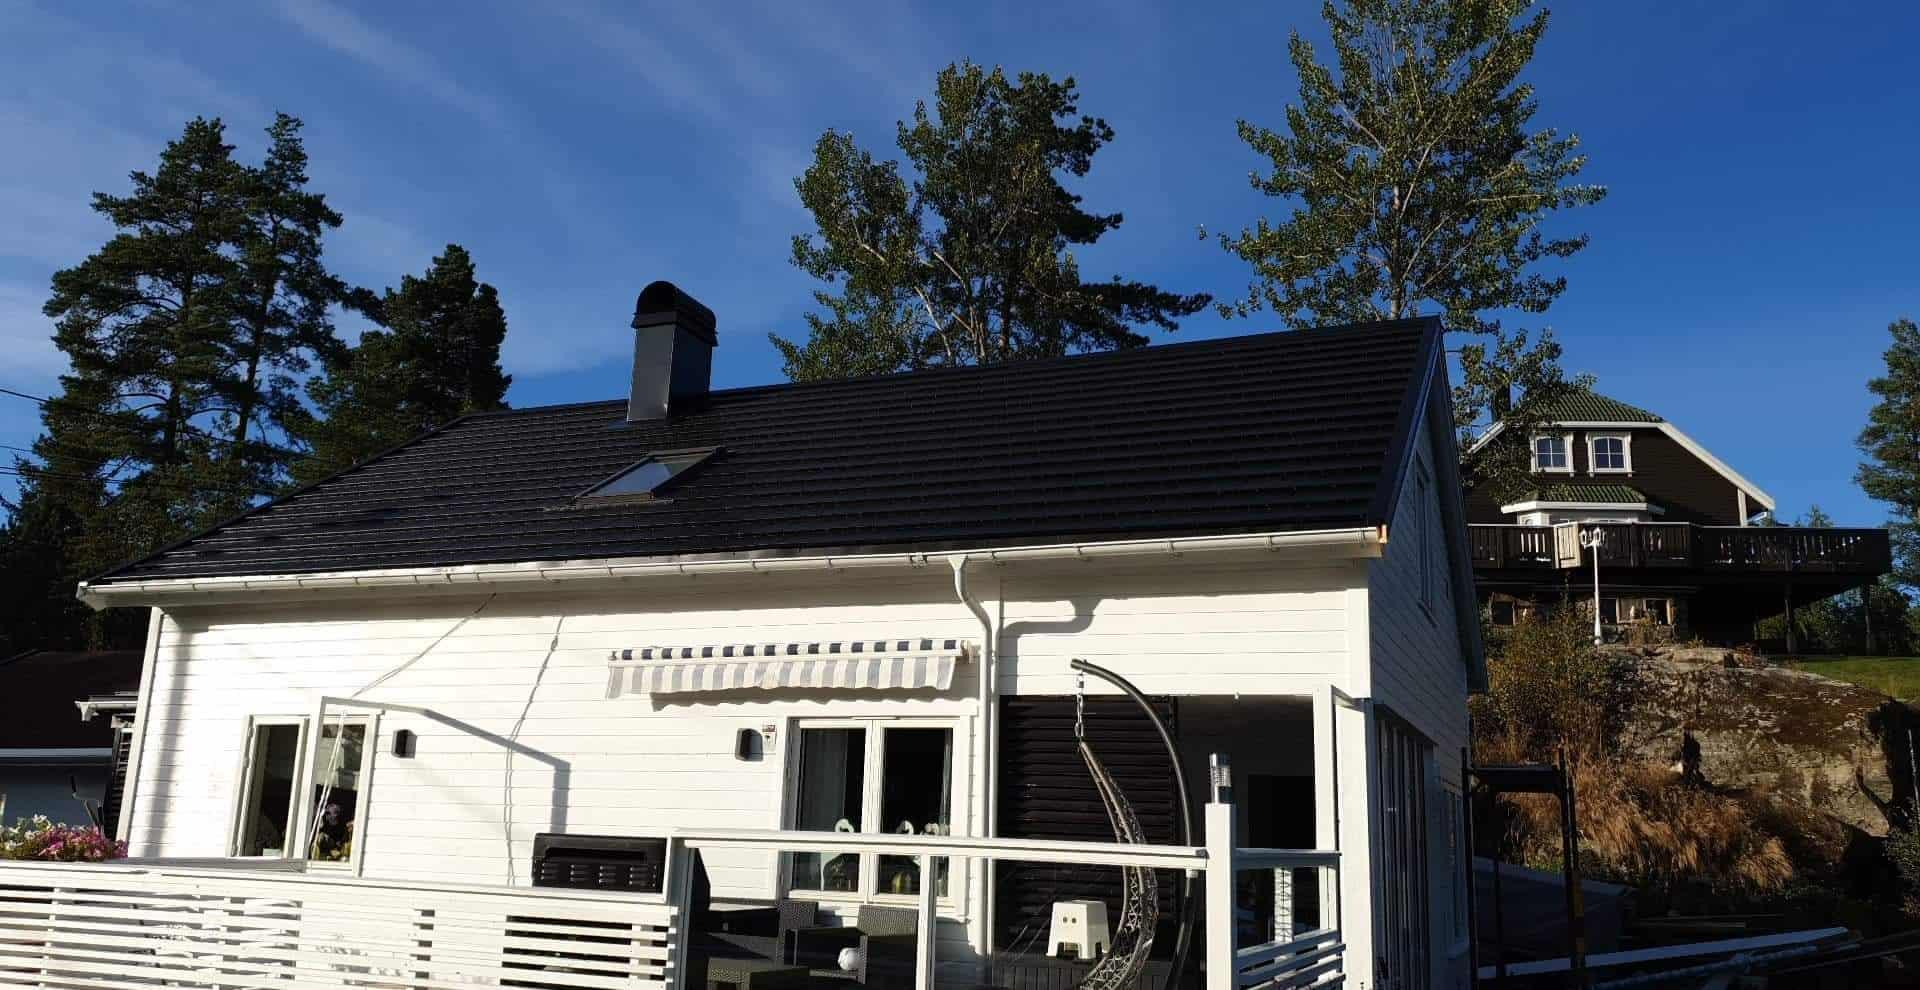 blachodachowka plaska pruszynski - Pruszyński flat roof tile - realization